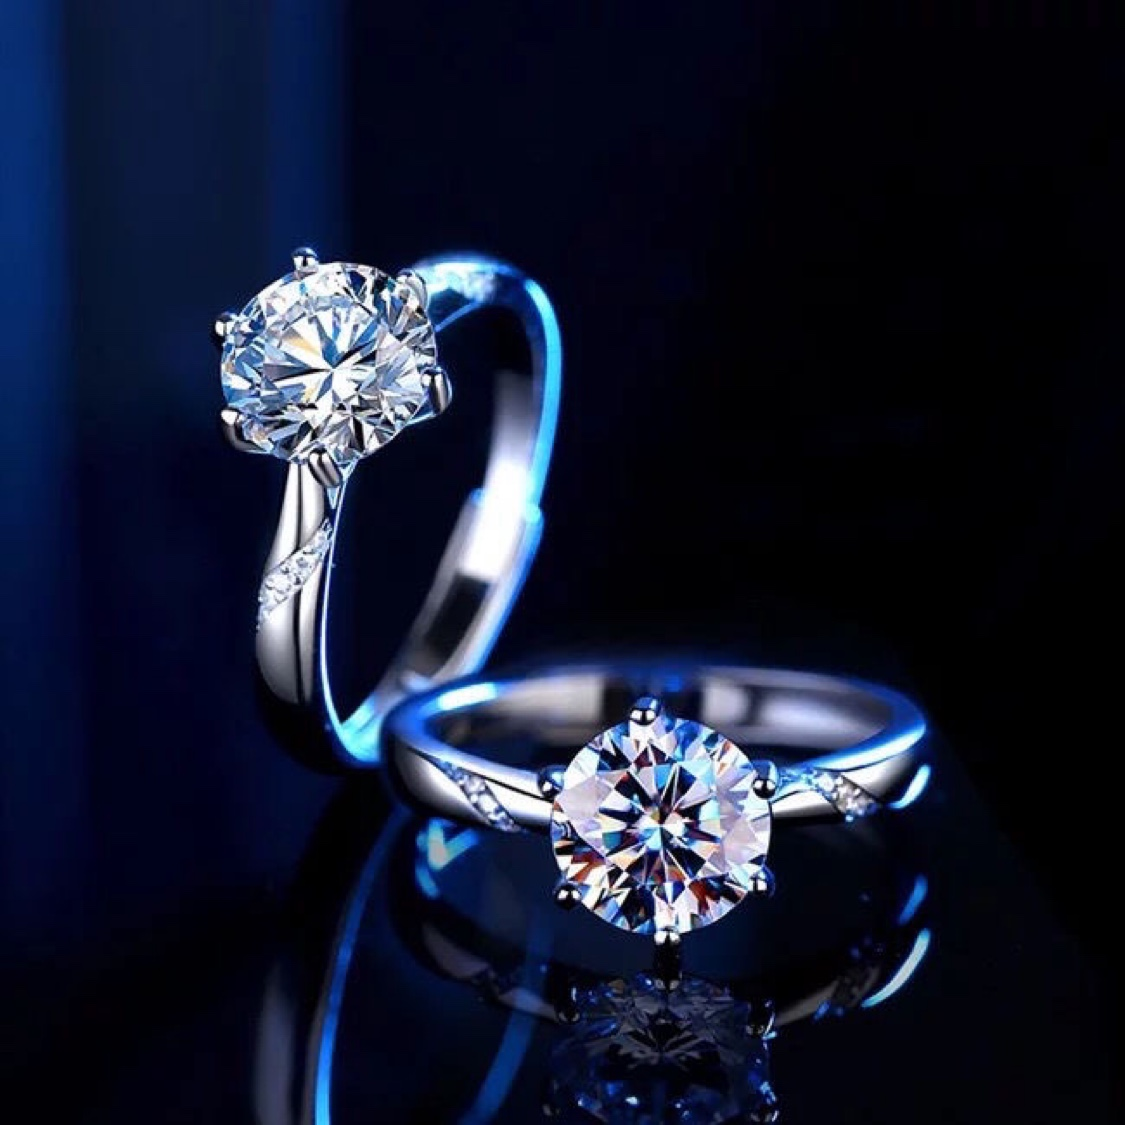 进口莫桑石通灵女戒指白金钻戒pt950铂金一克拉求婚情侣对戒灵